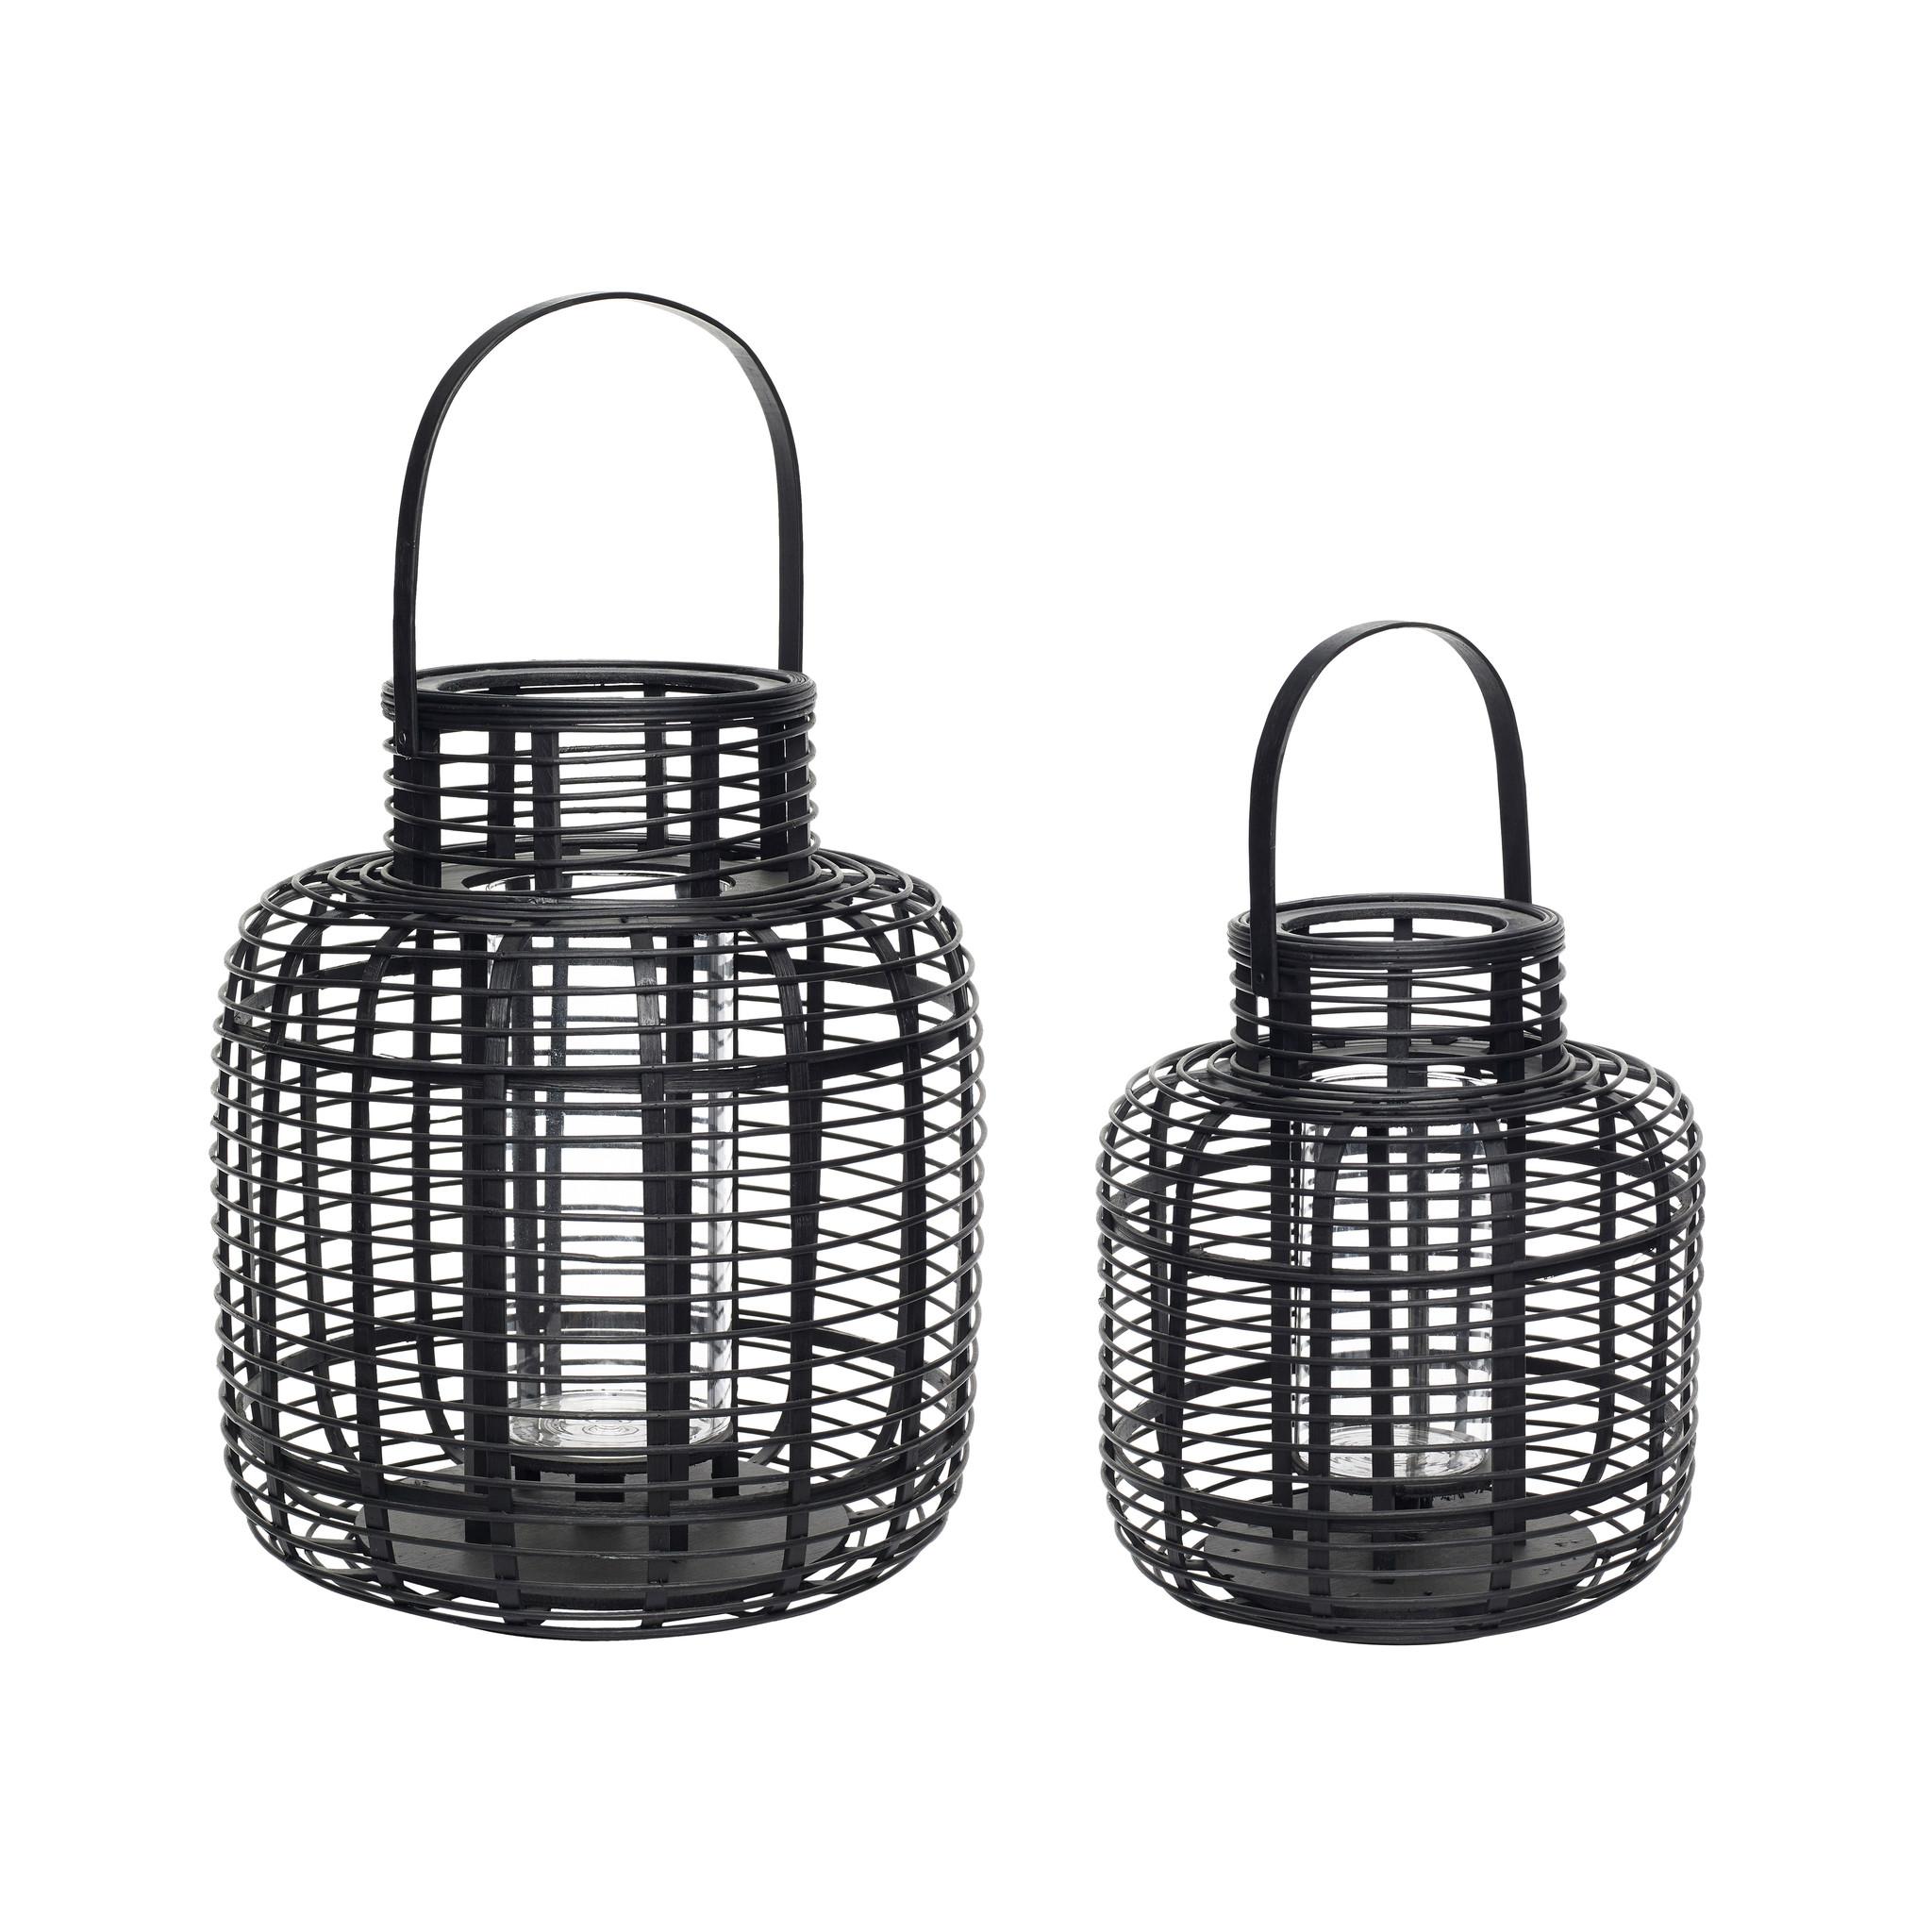 Hubsch Lantaarn, bamboe, zwart, set van 2-30803-5712772064146